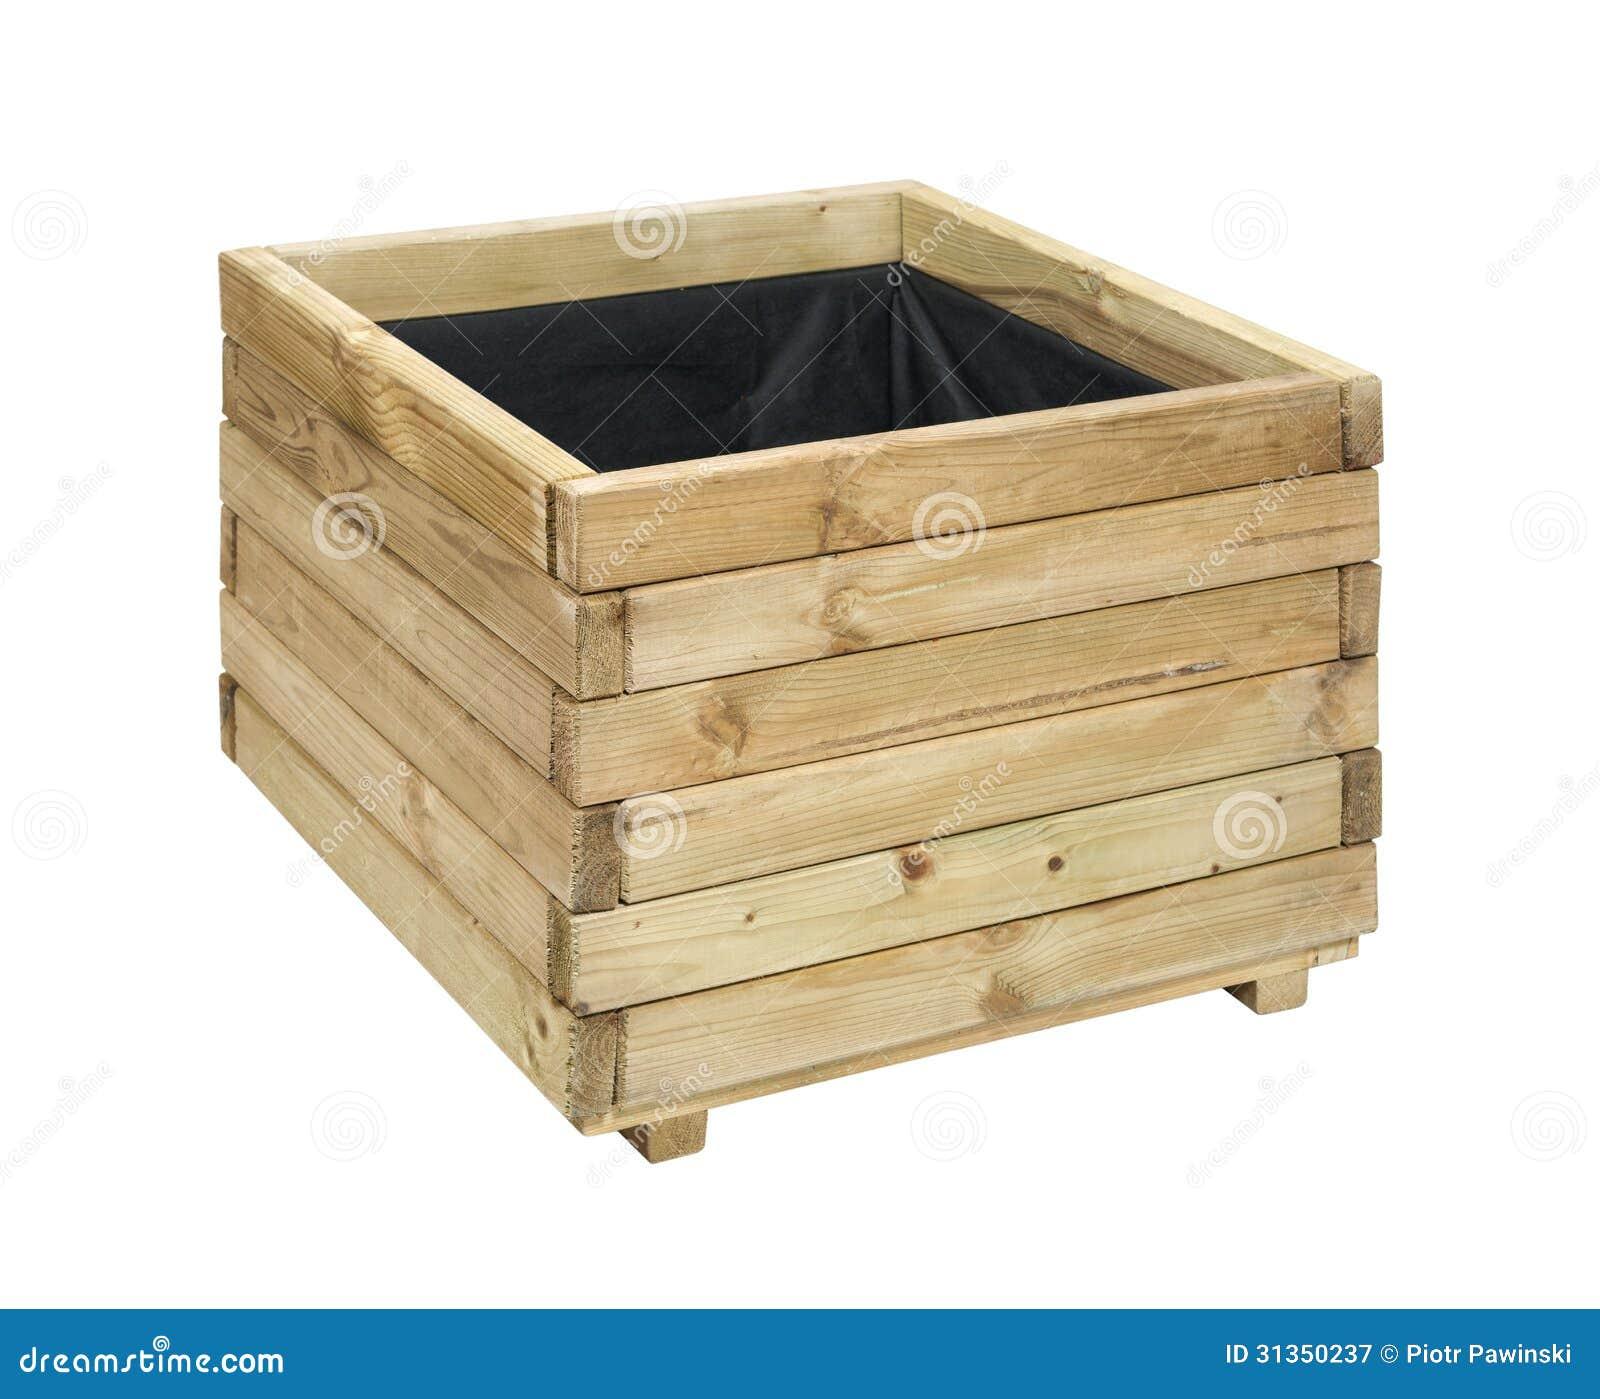 bo te en bois pour des fleurs image stock image du cadre conteneur 31350237. Black Bedroom Furniture Sets. Home Design Ideas